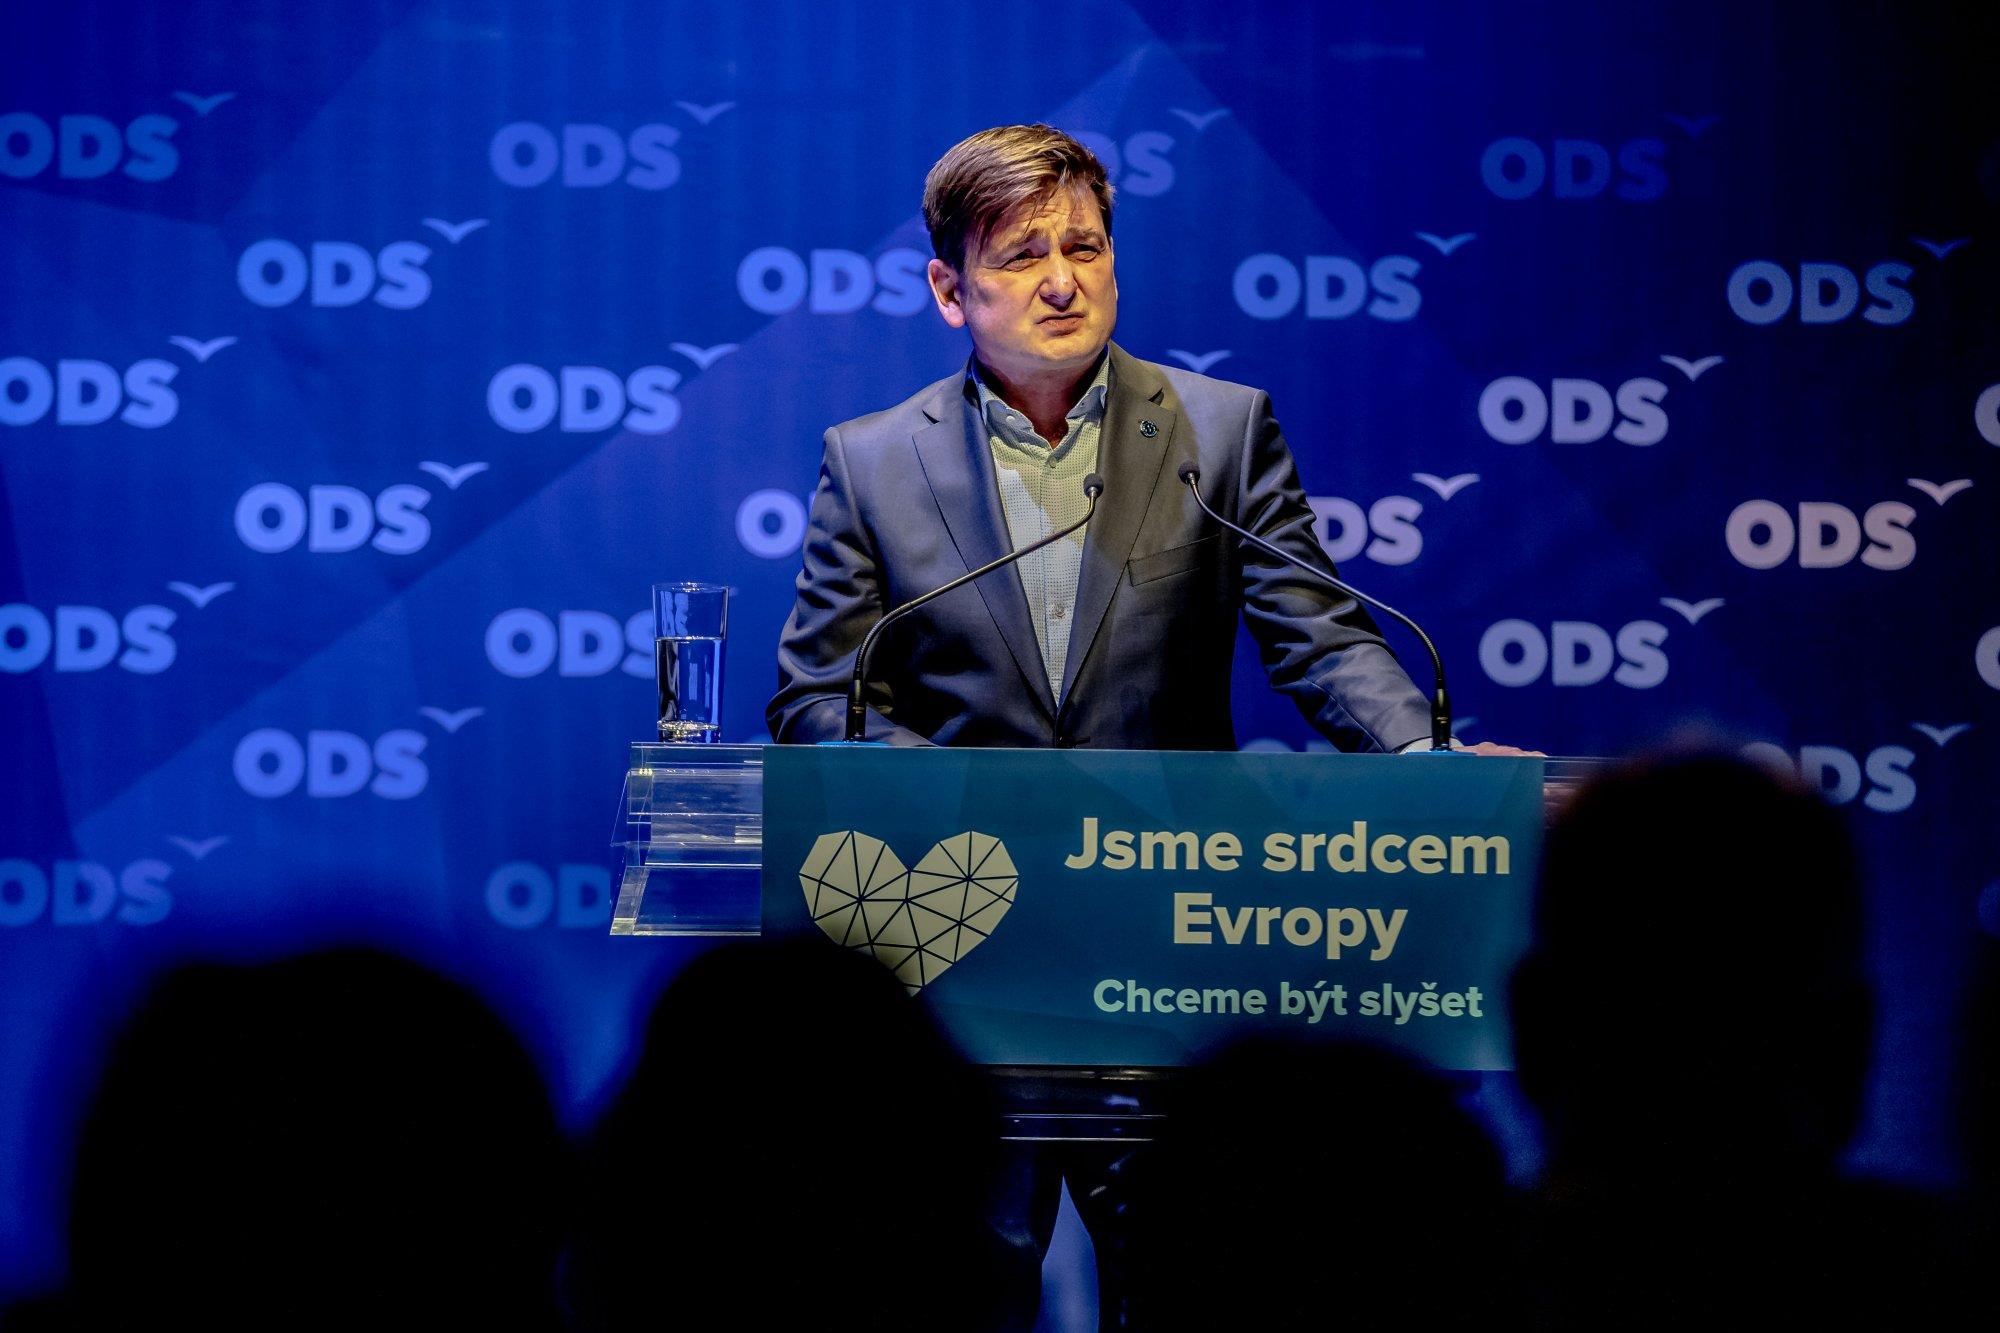 Vystoupení experta pro bezpečnost na Programové konferenci ODS